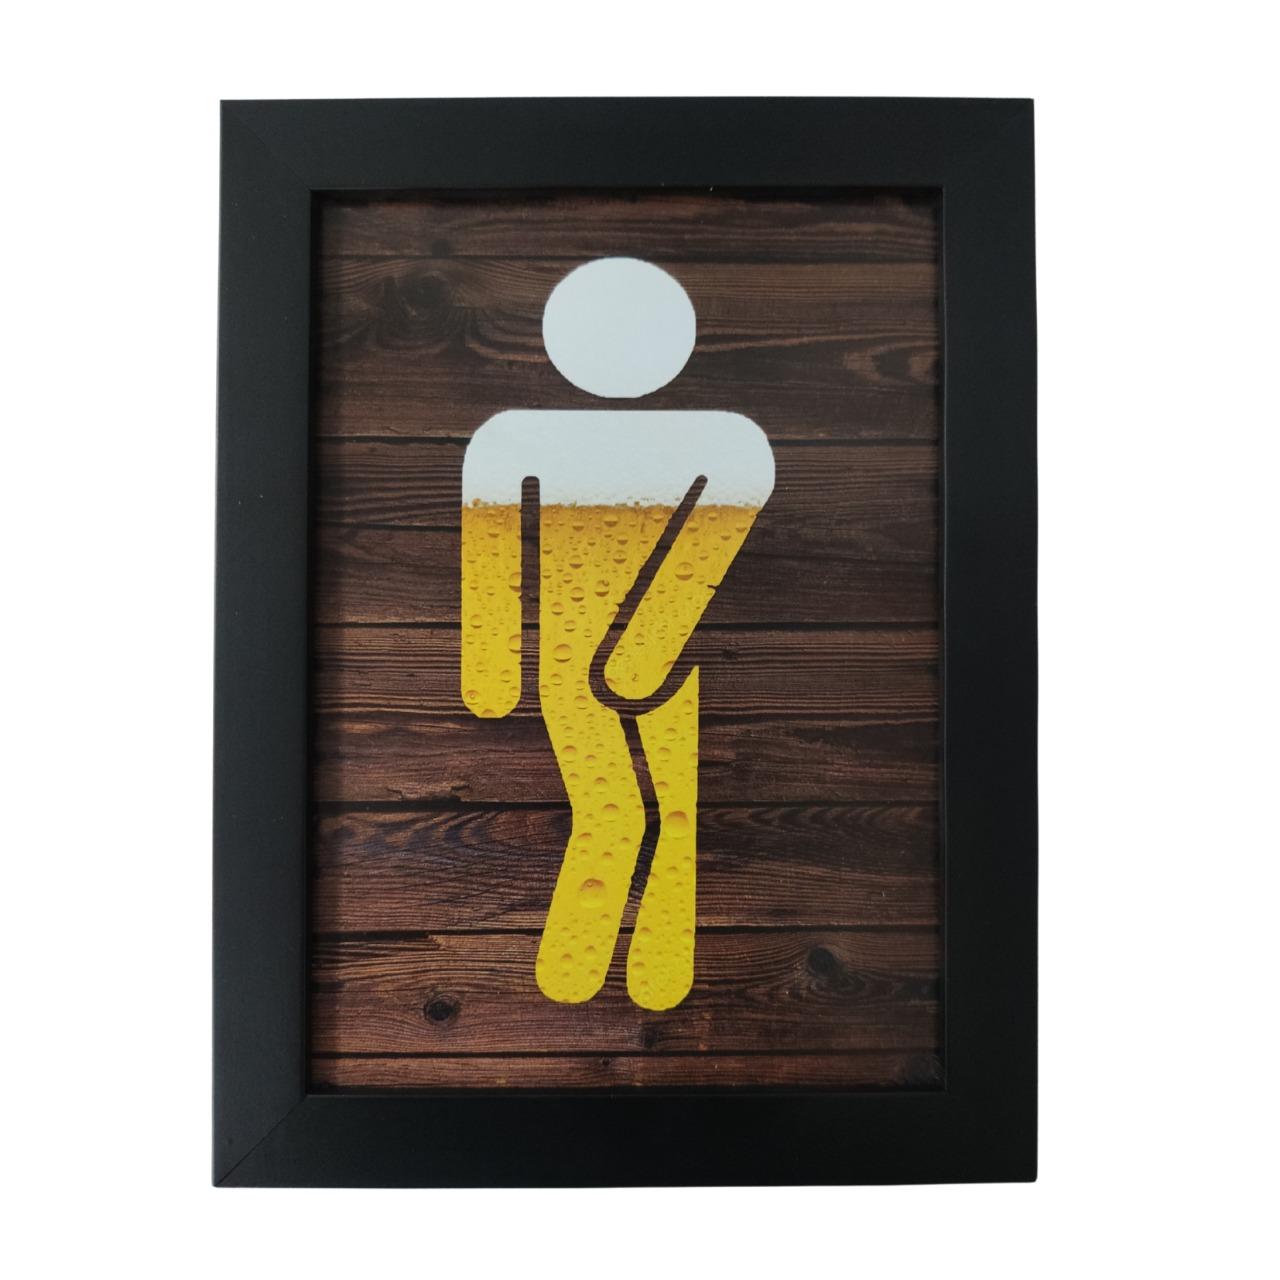 Placa Indicativa de Banheiro Toalete Criativo para Bar e Restaurante - Homem / Masculino